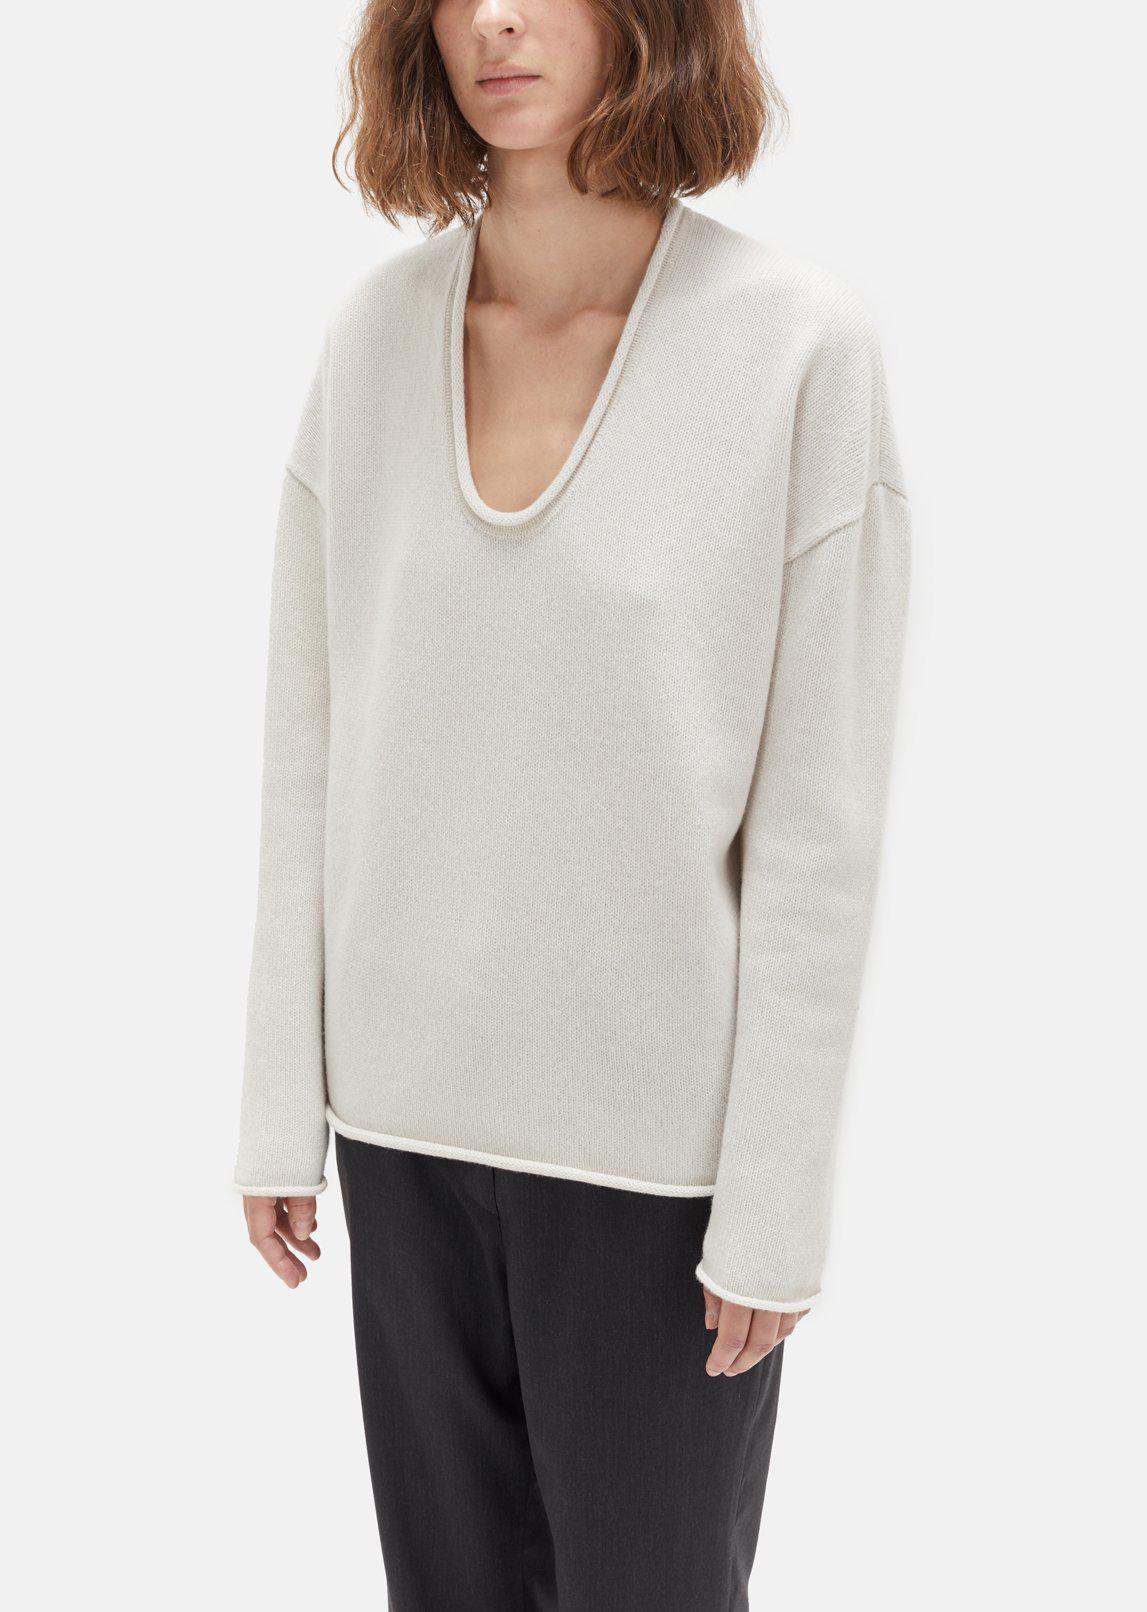 Unglaublich Moderne Pullover Sammlung Von Gallery